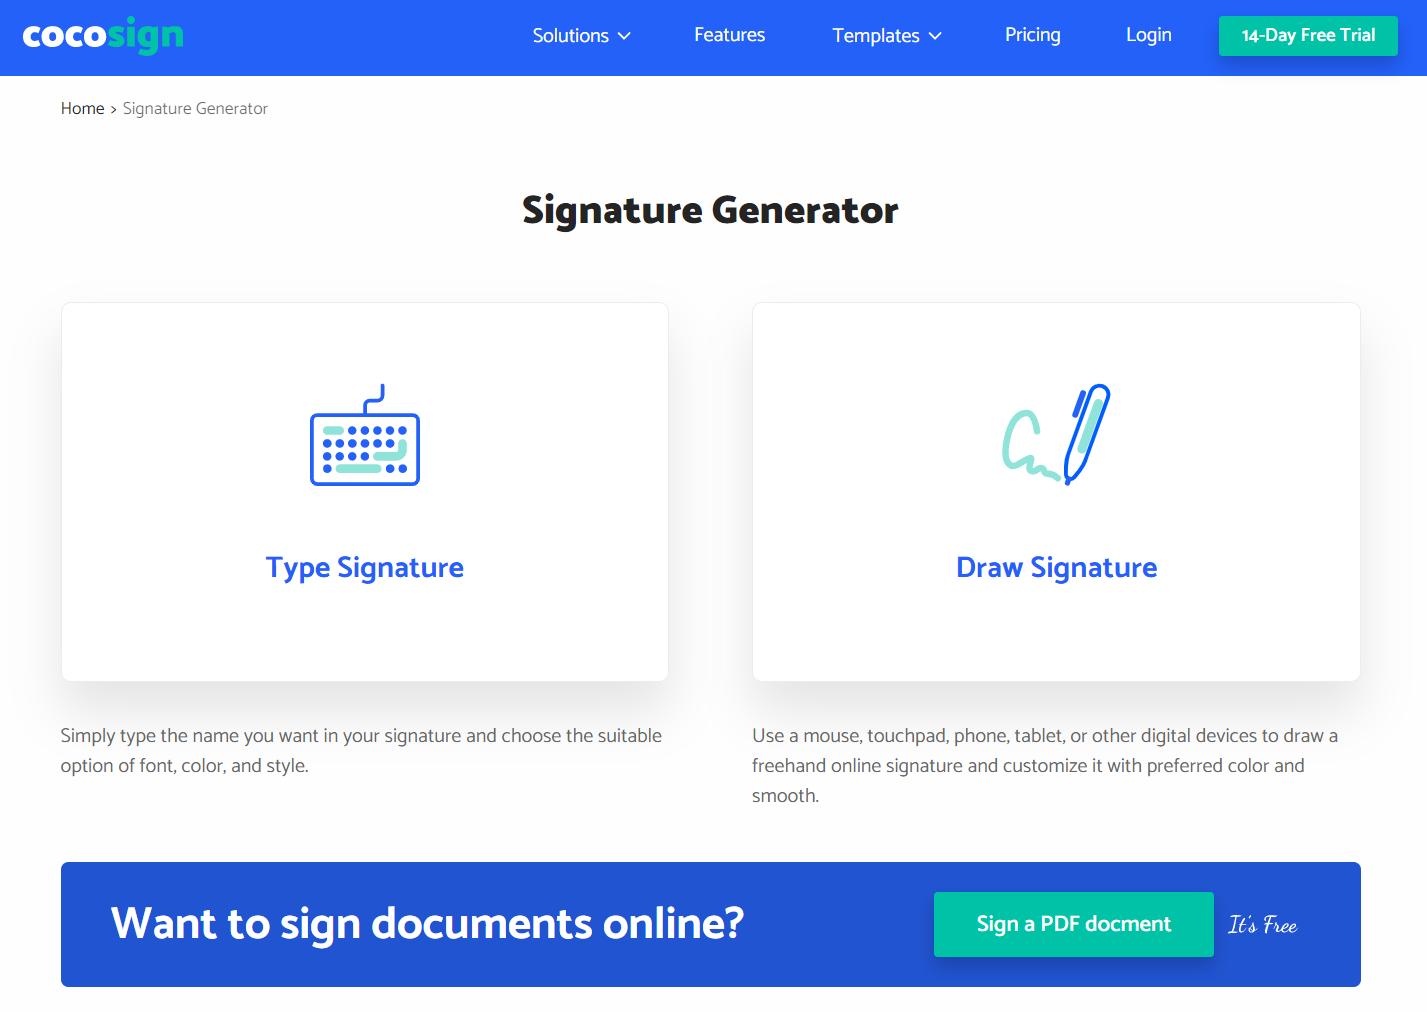 Signature Generator